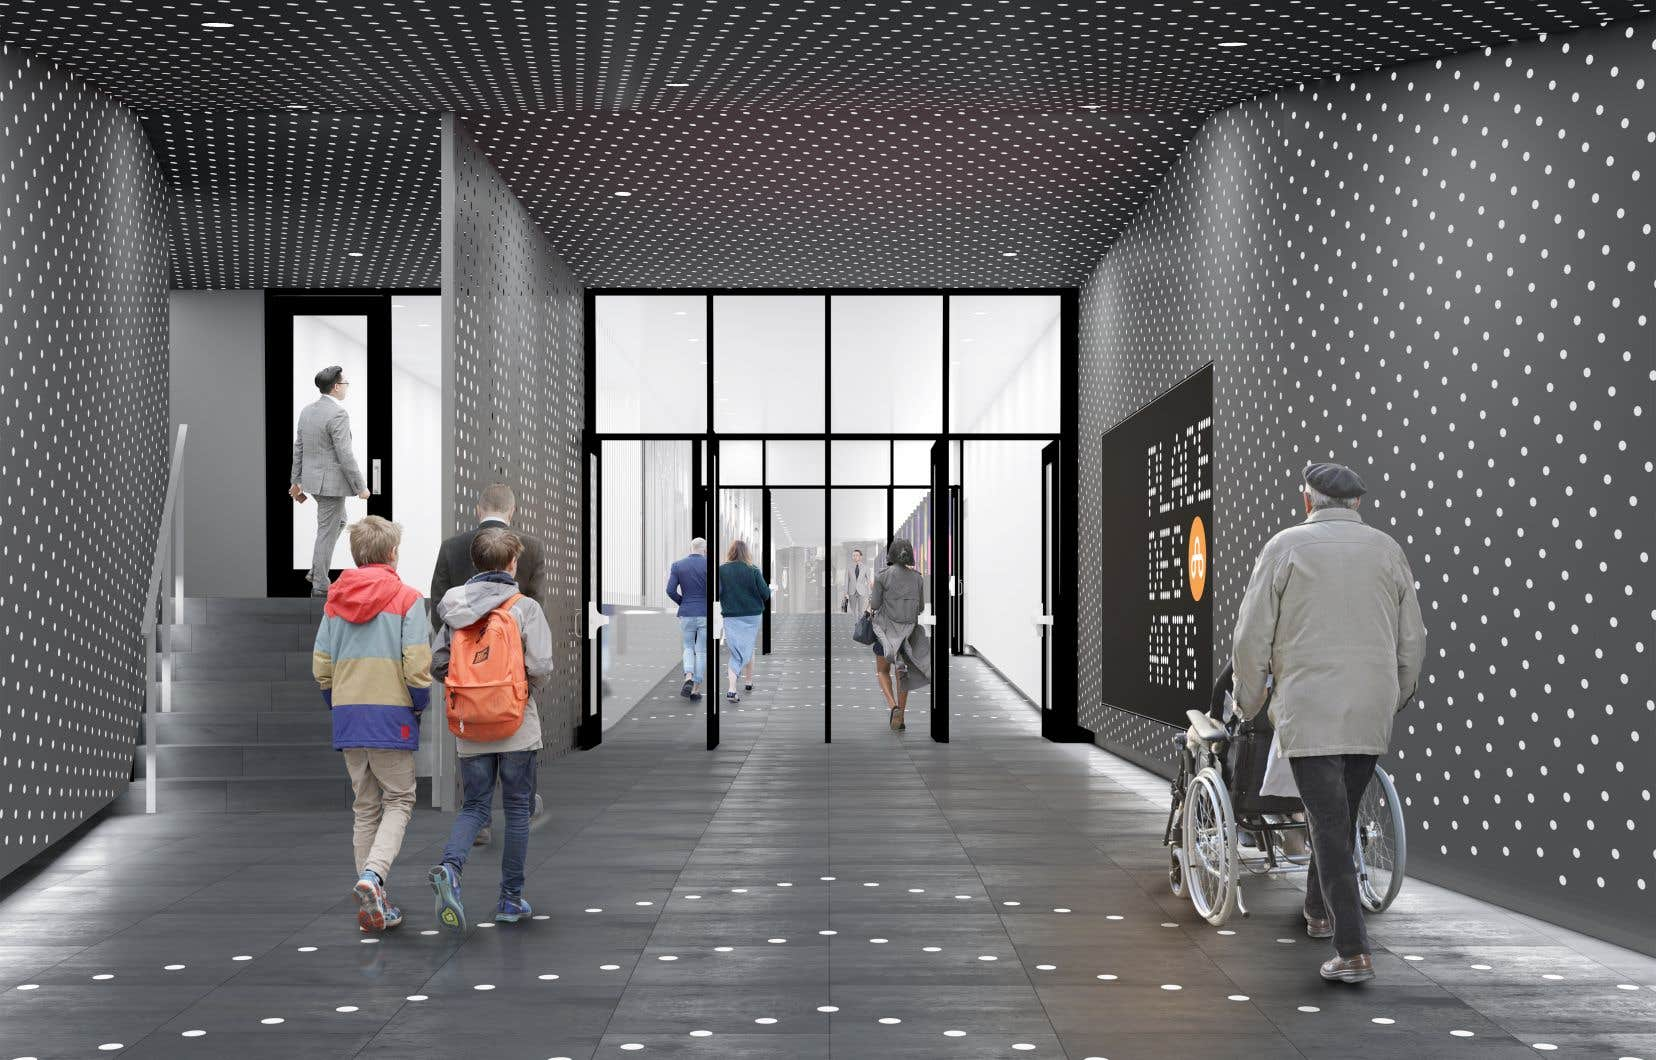 Le début des travaux est prévu pour avril 2021 et le corridor devrait rouvrir en mars 2022.